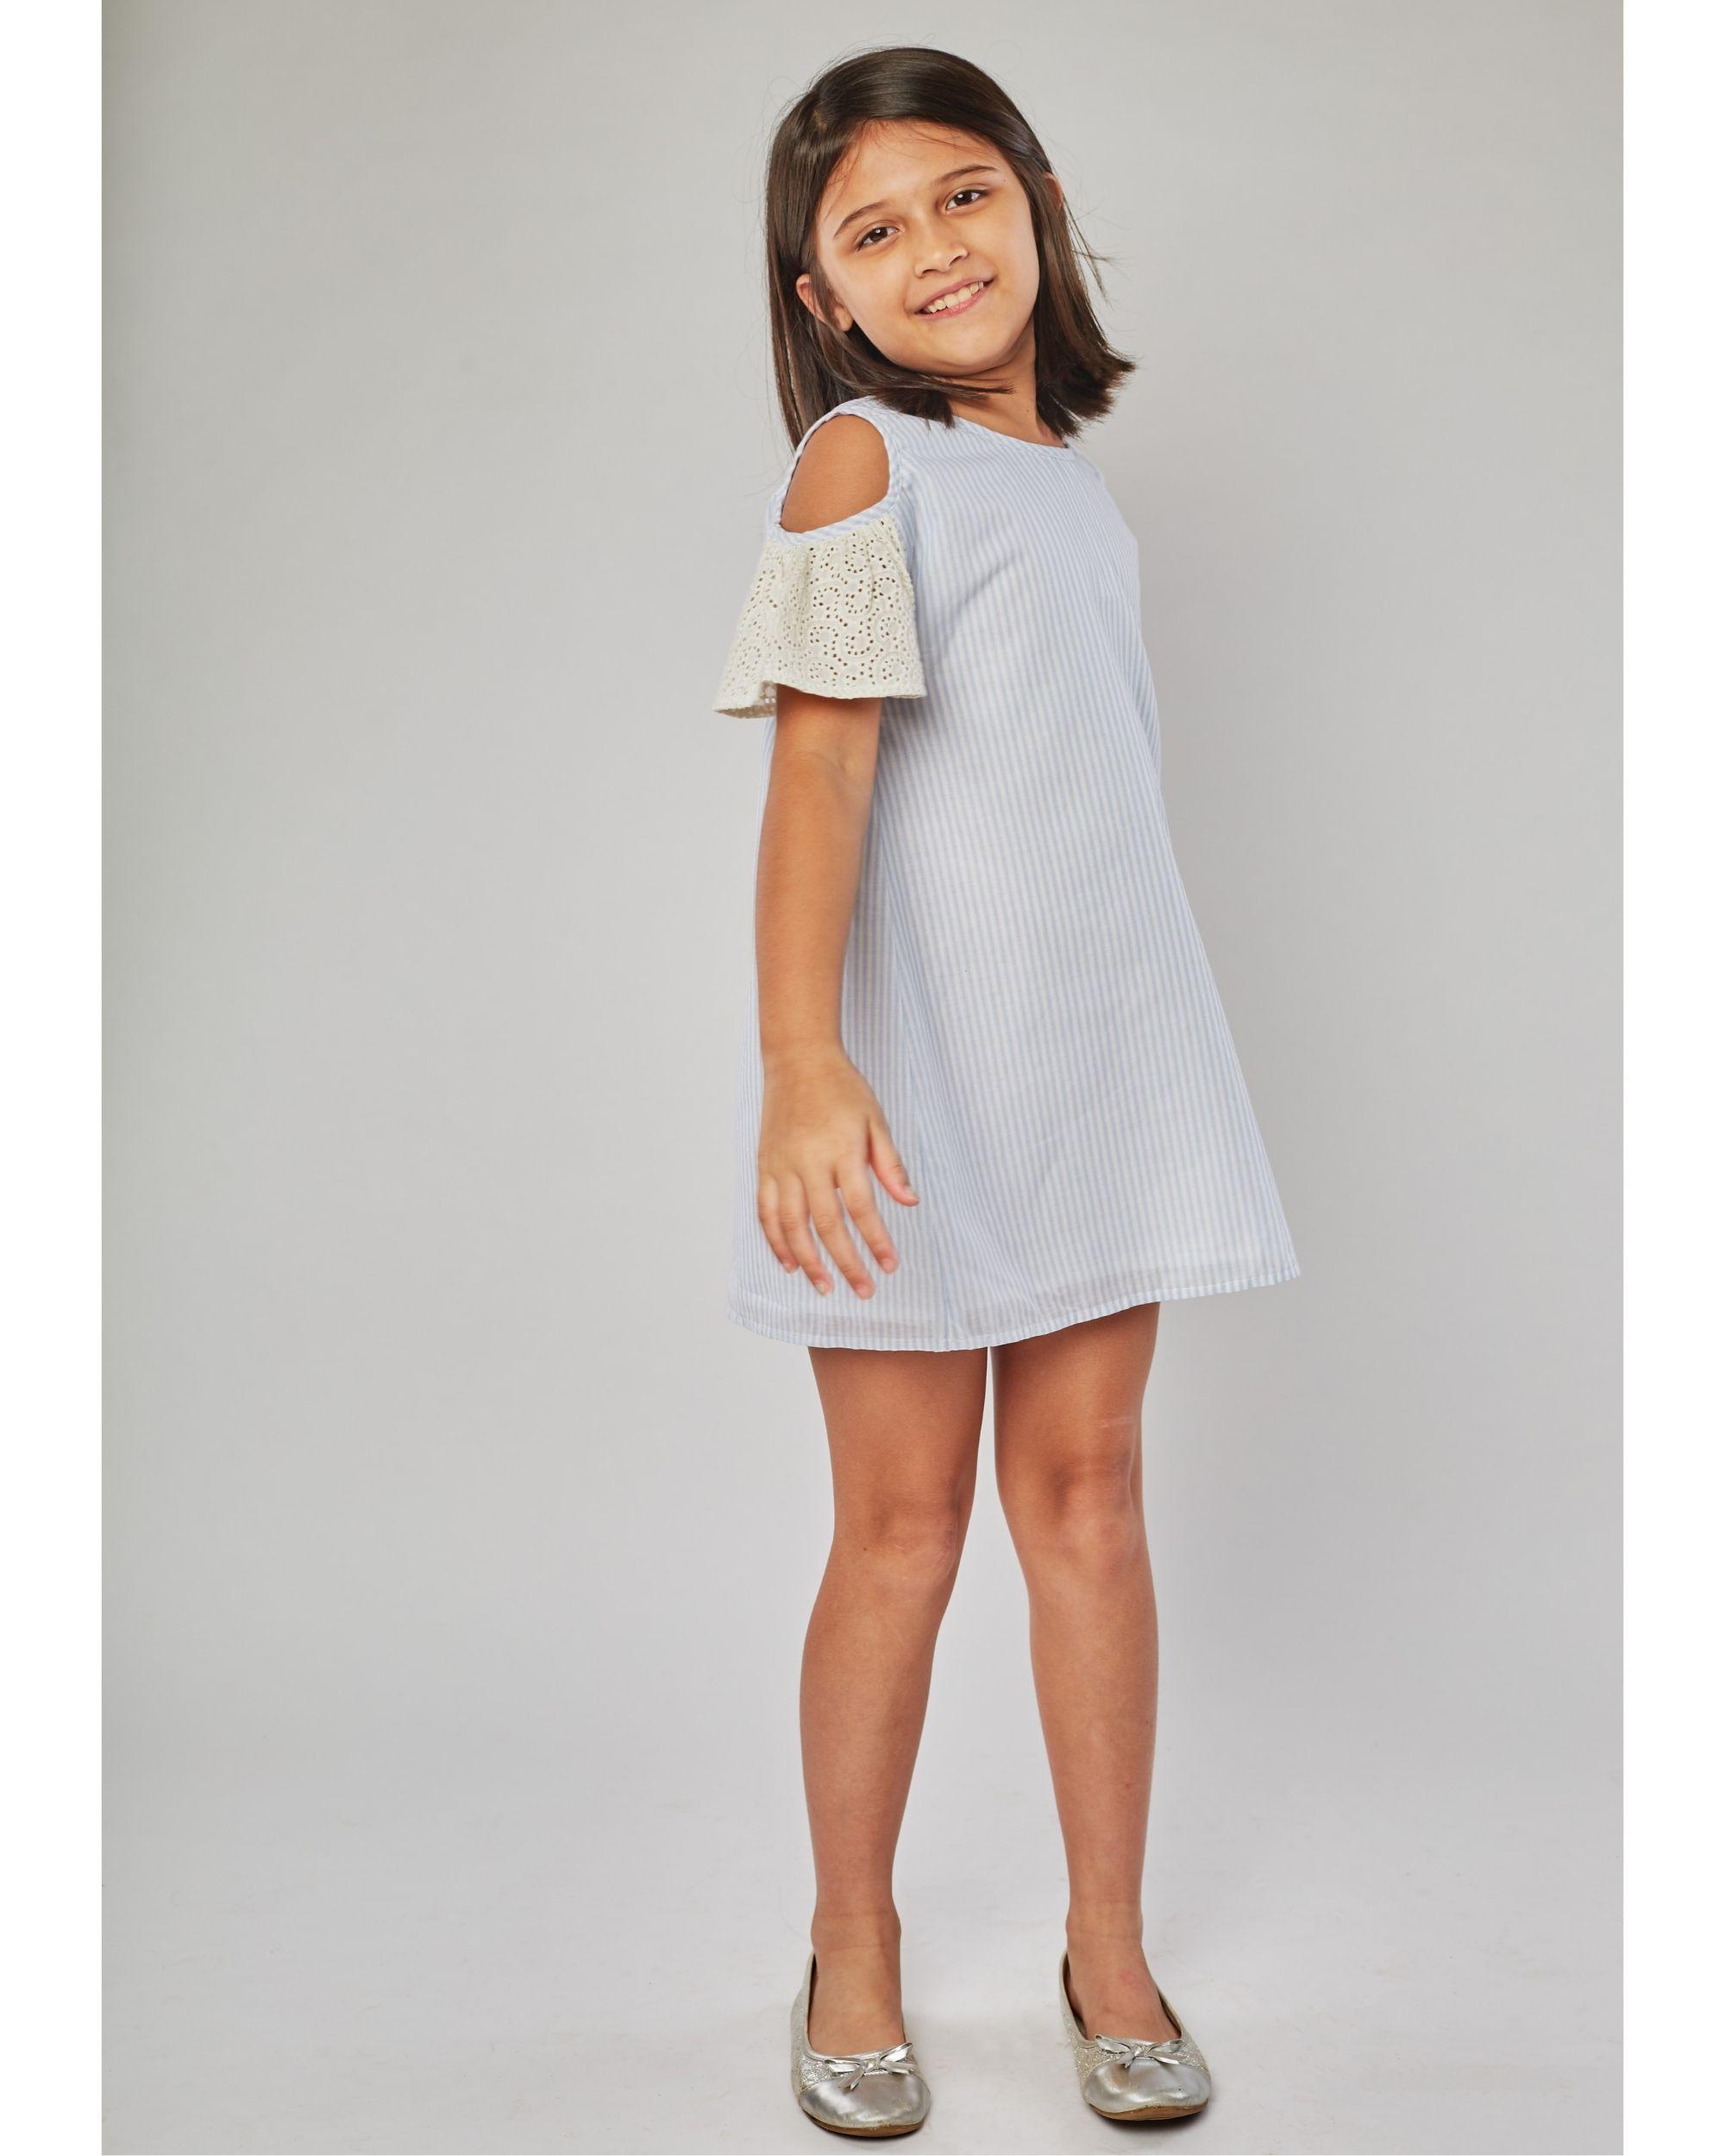 Blue striped cold shoulder dress